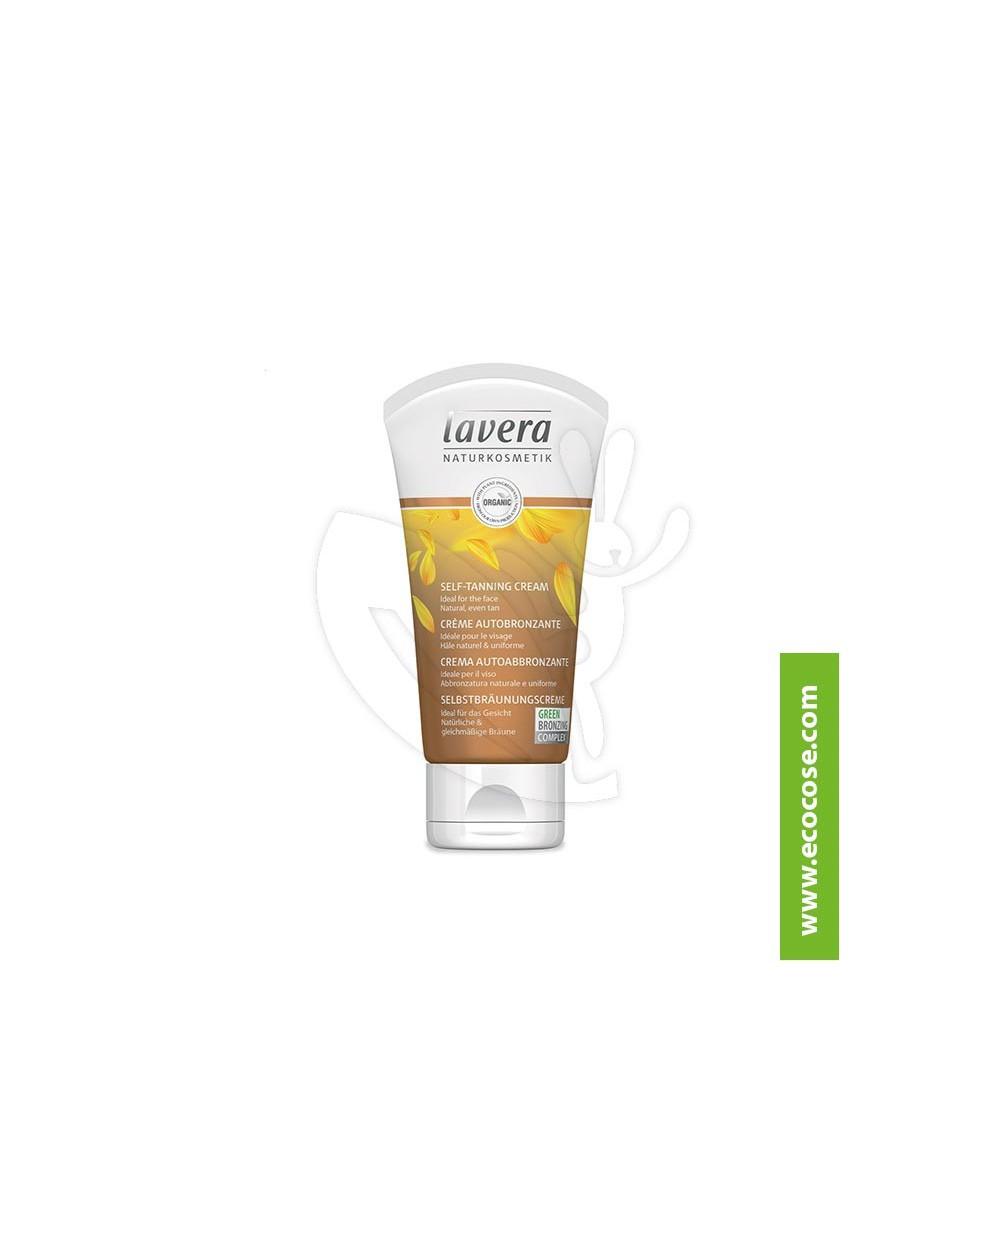 Lavera Sun - Crema autoabbronzante viso